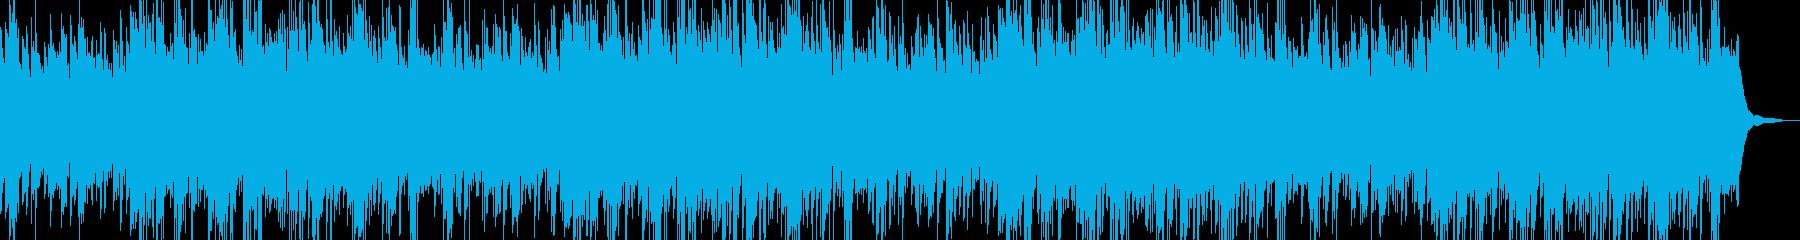 企業VP20 24bit44kHzVerの再生済みの波形